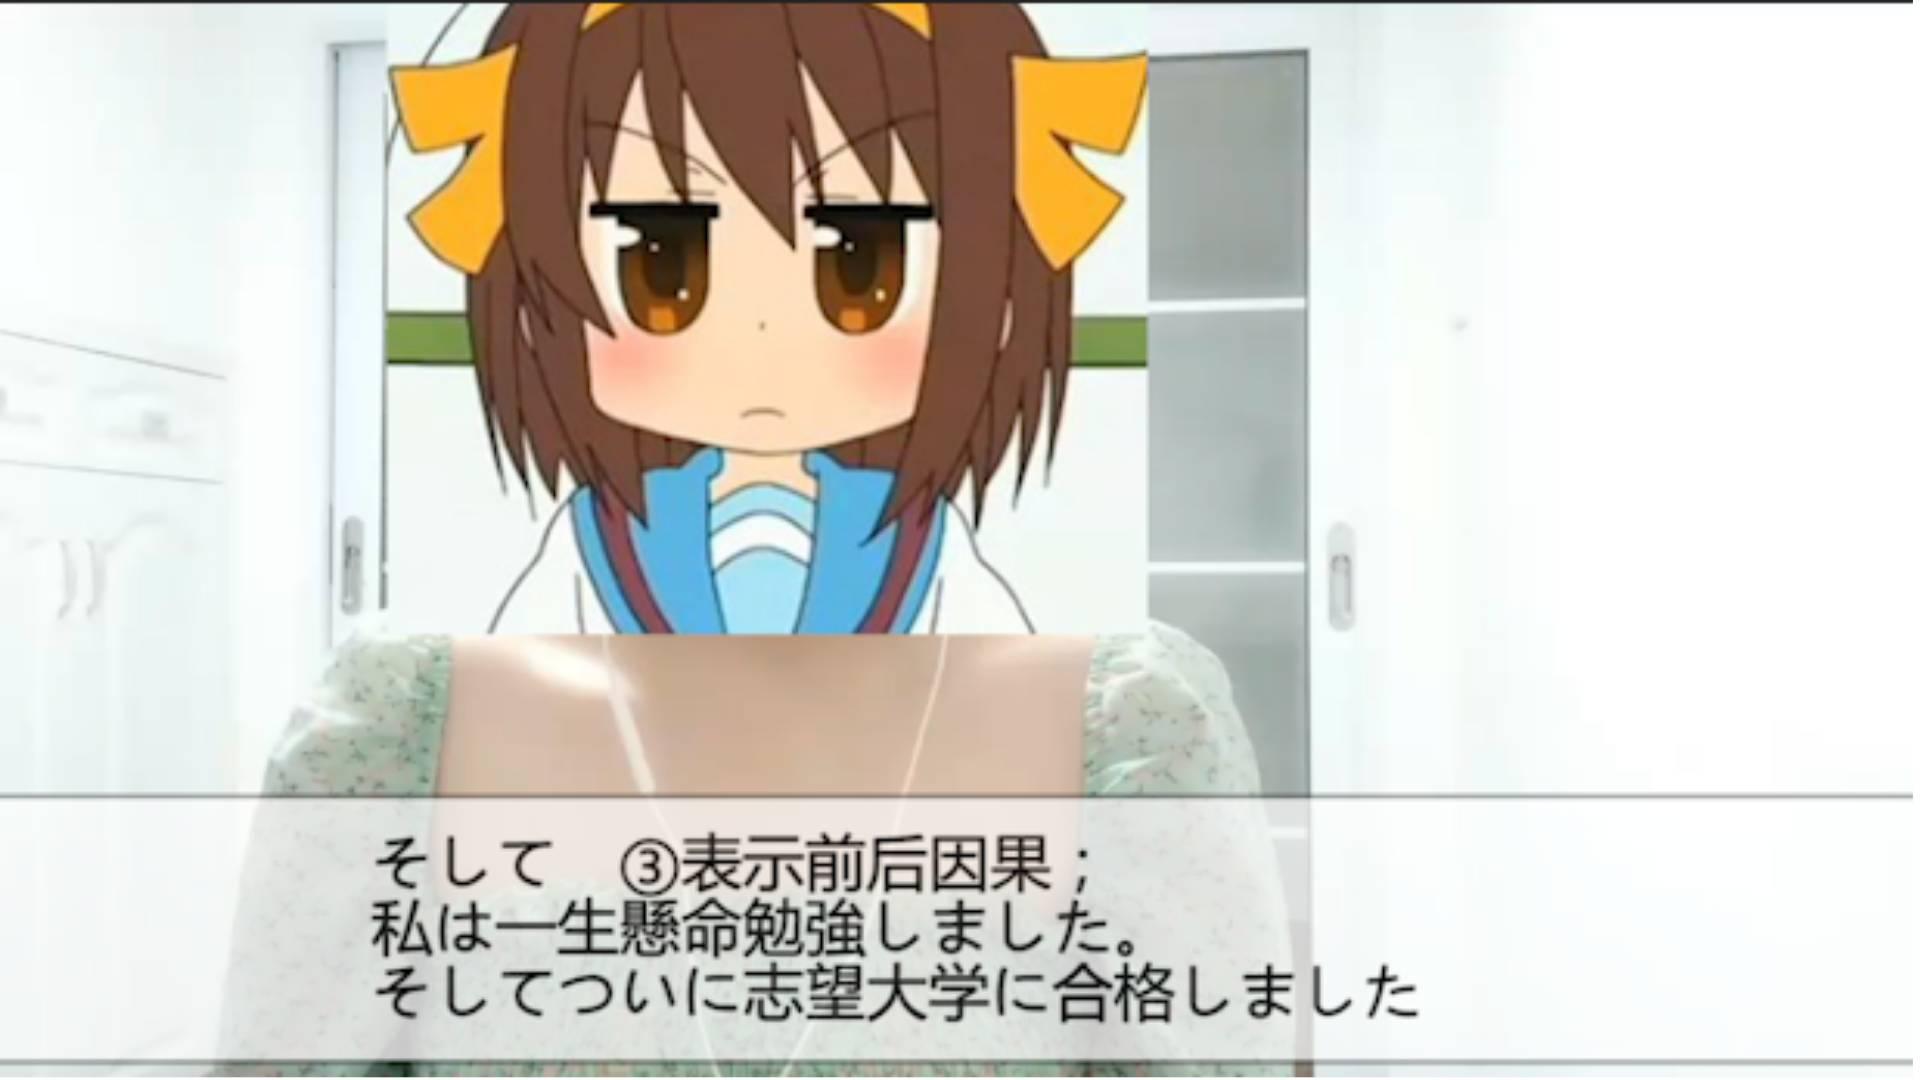 【日语语法学习教程】日语里连词,そして、それから、それに的区别与用法~